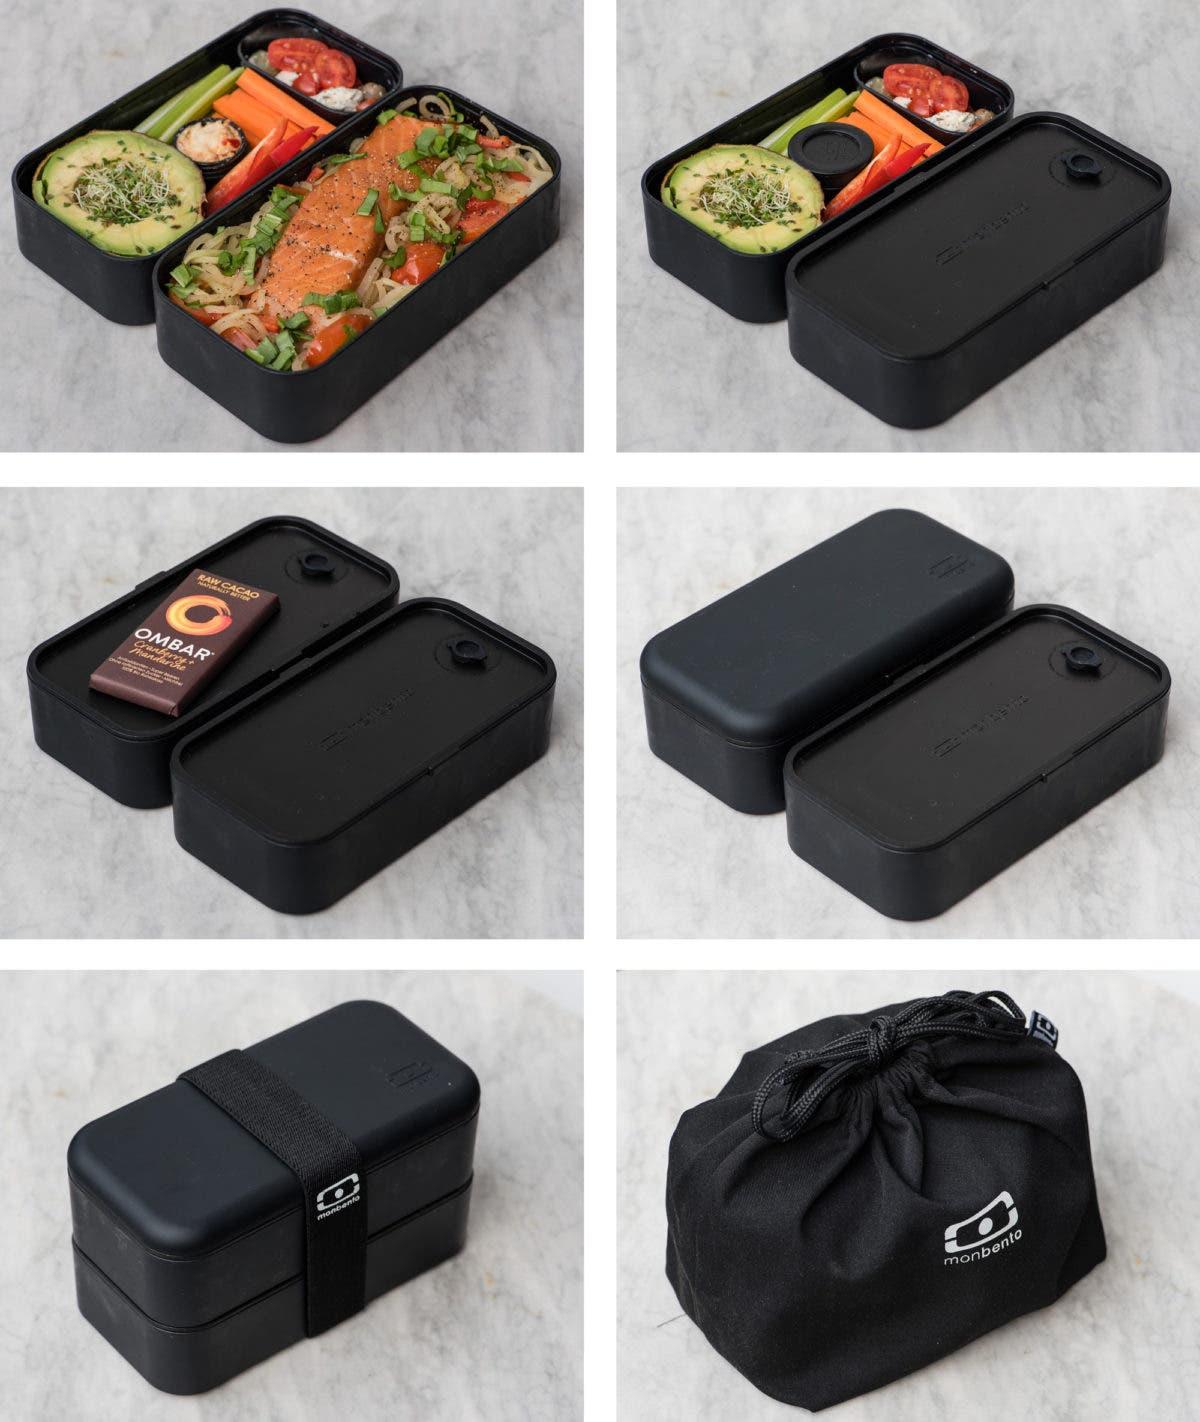 Tipps für eine gelungene Lunch Box: Collage